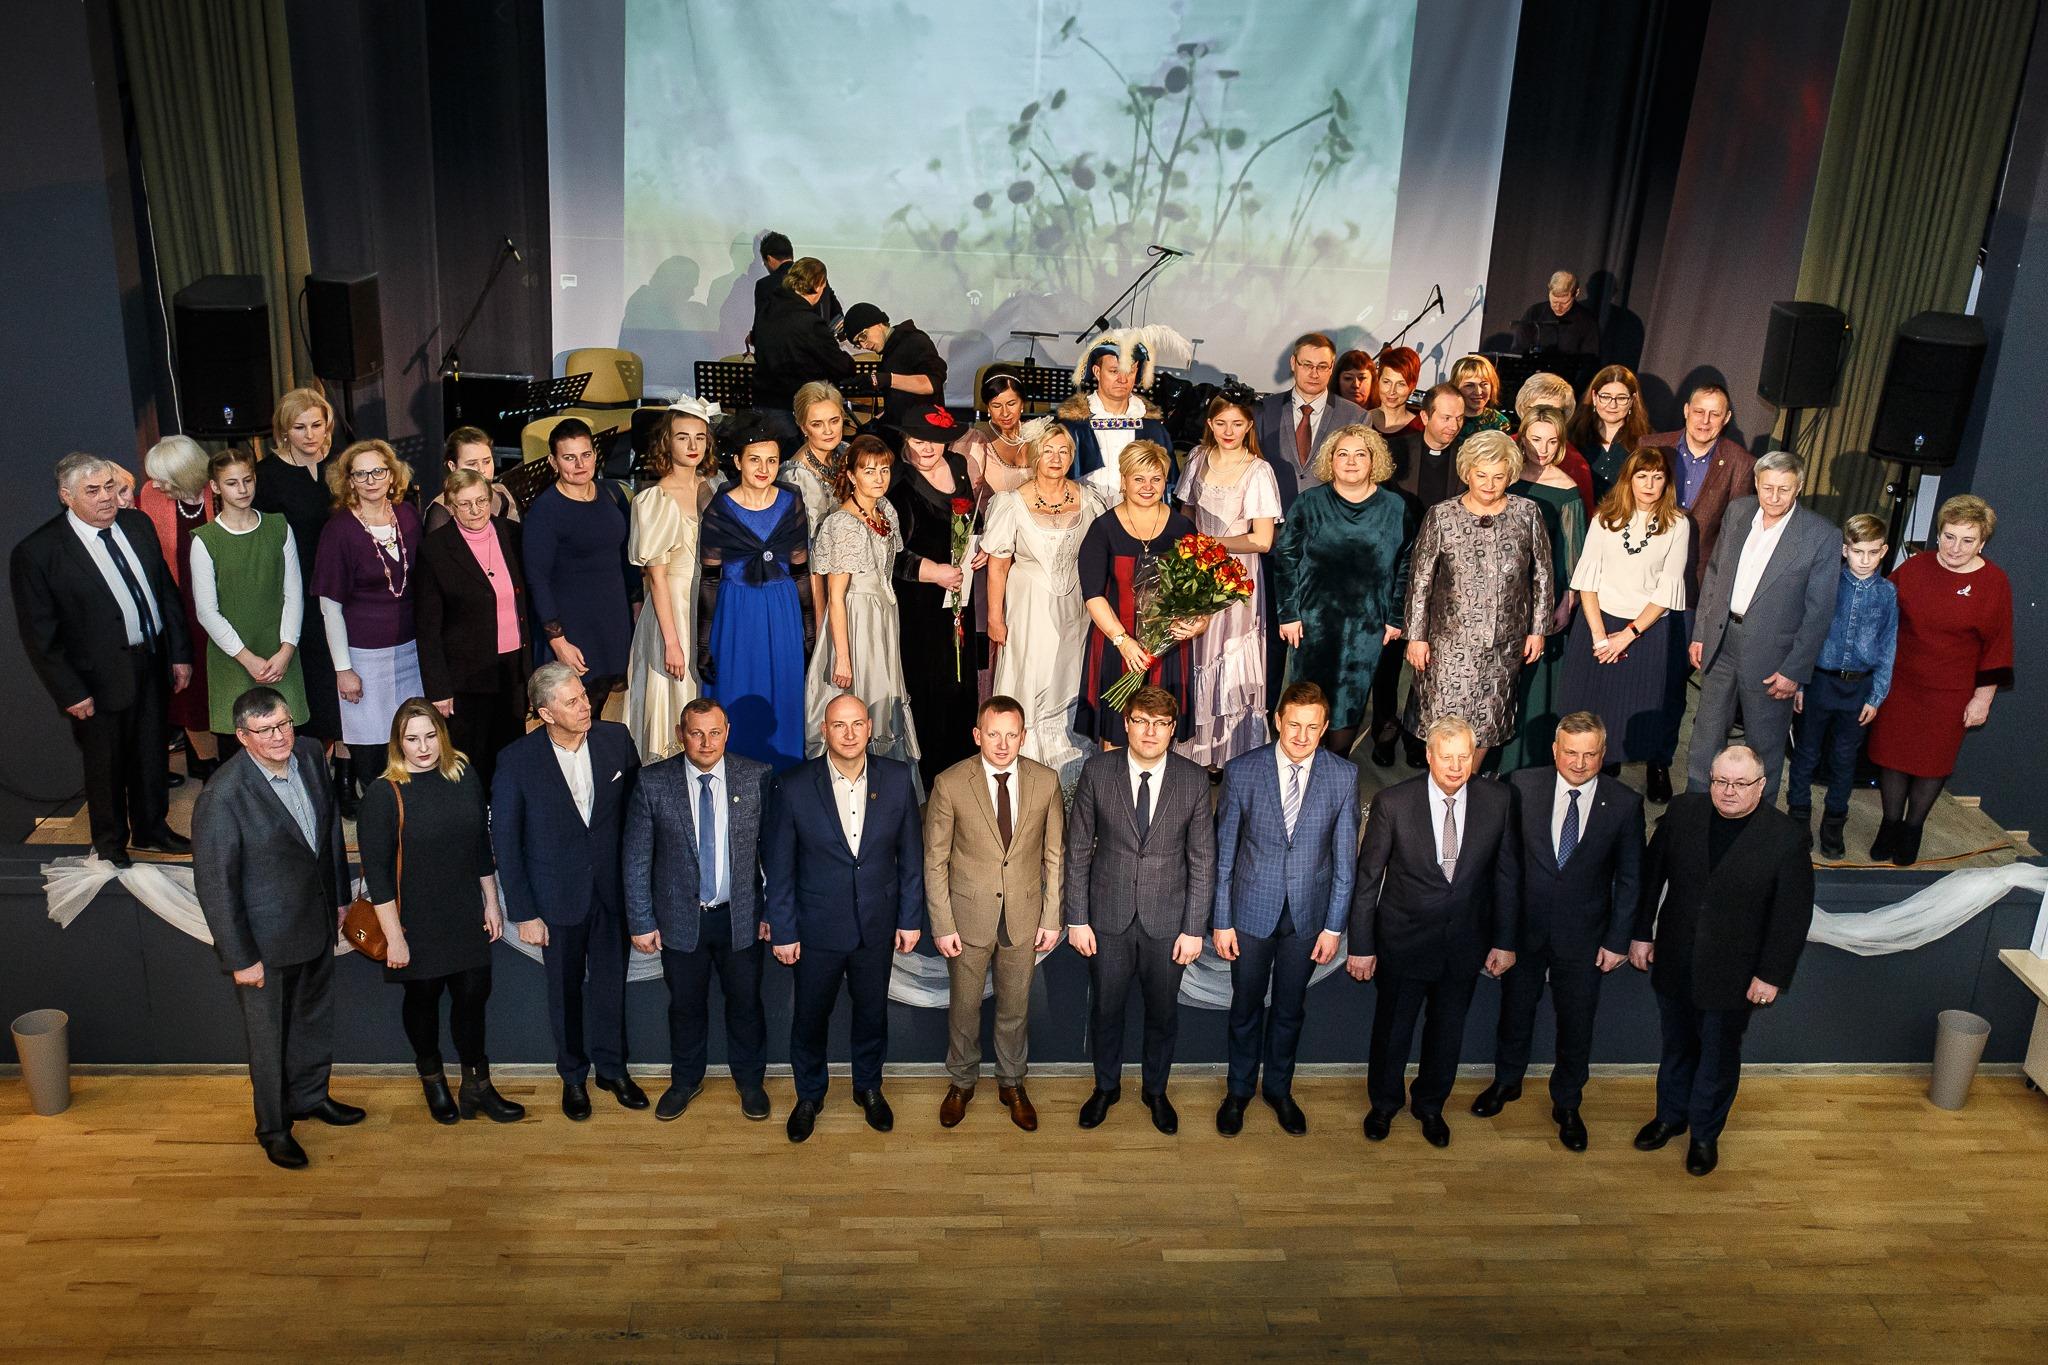 Liudvinavo – 2019-ųjų Lietuvos mažosios kultūros sostinės – metus vainikavo uždarymo iškilmės